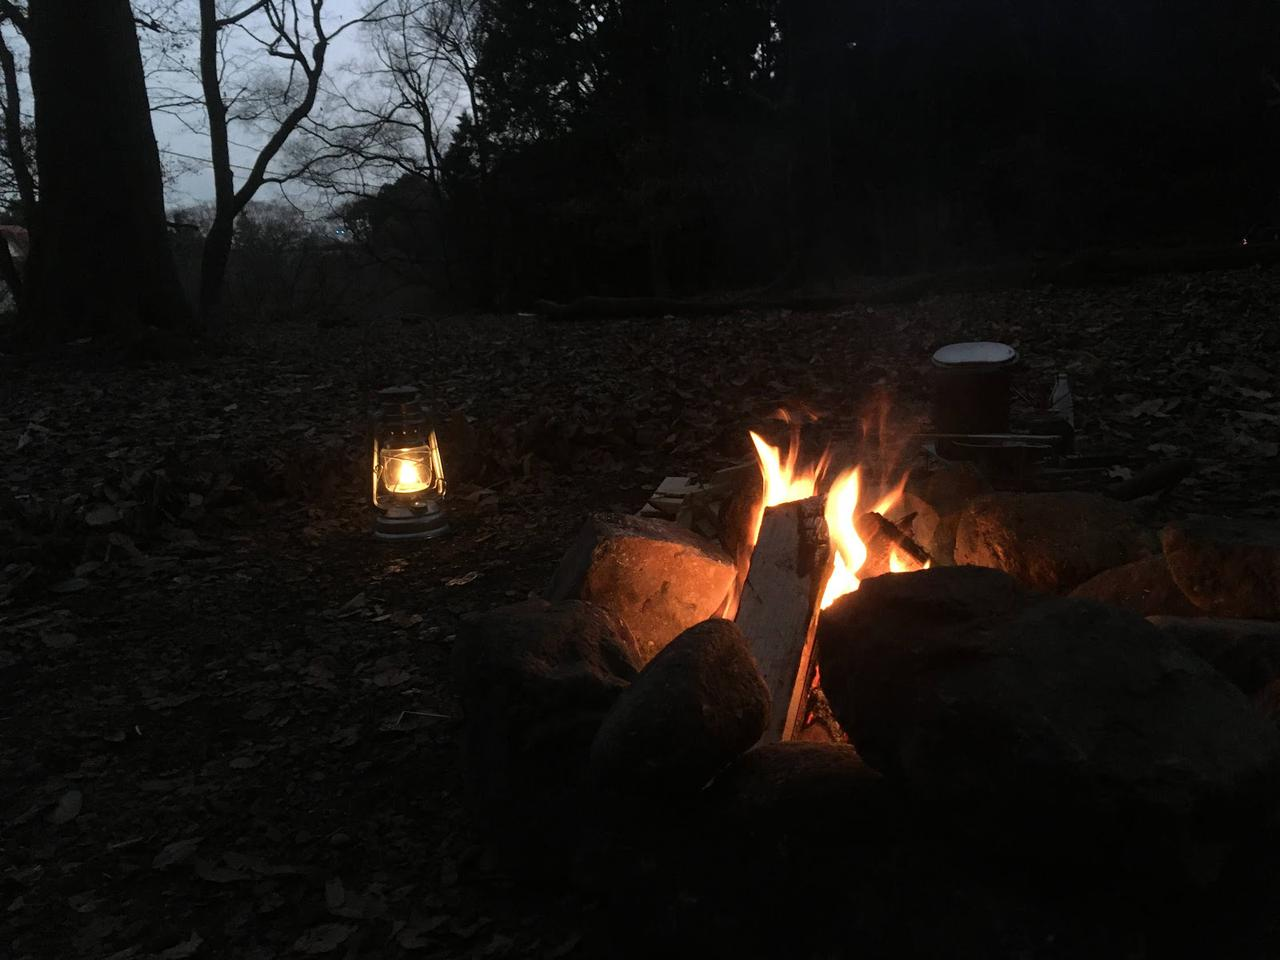 画像: 筆者撮影 この日は結構寒そうだったのもあり、直火で大きめの焚き火を一緒にすることに。(直火が許可されているキャンプ場にて)